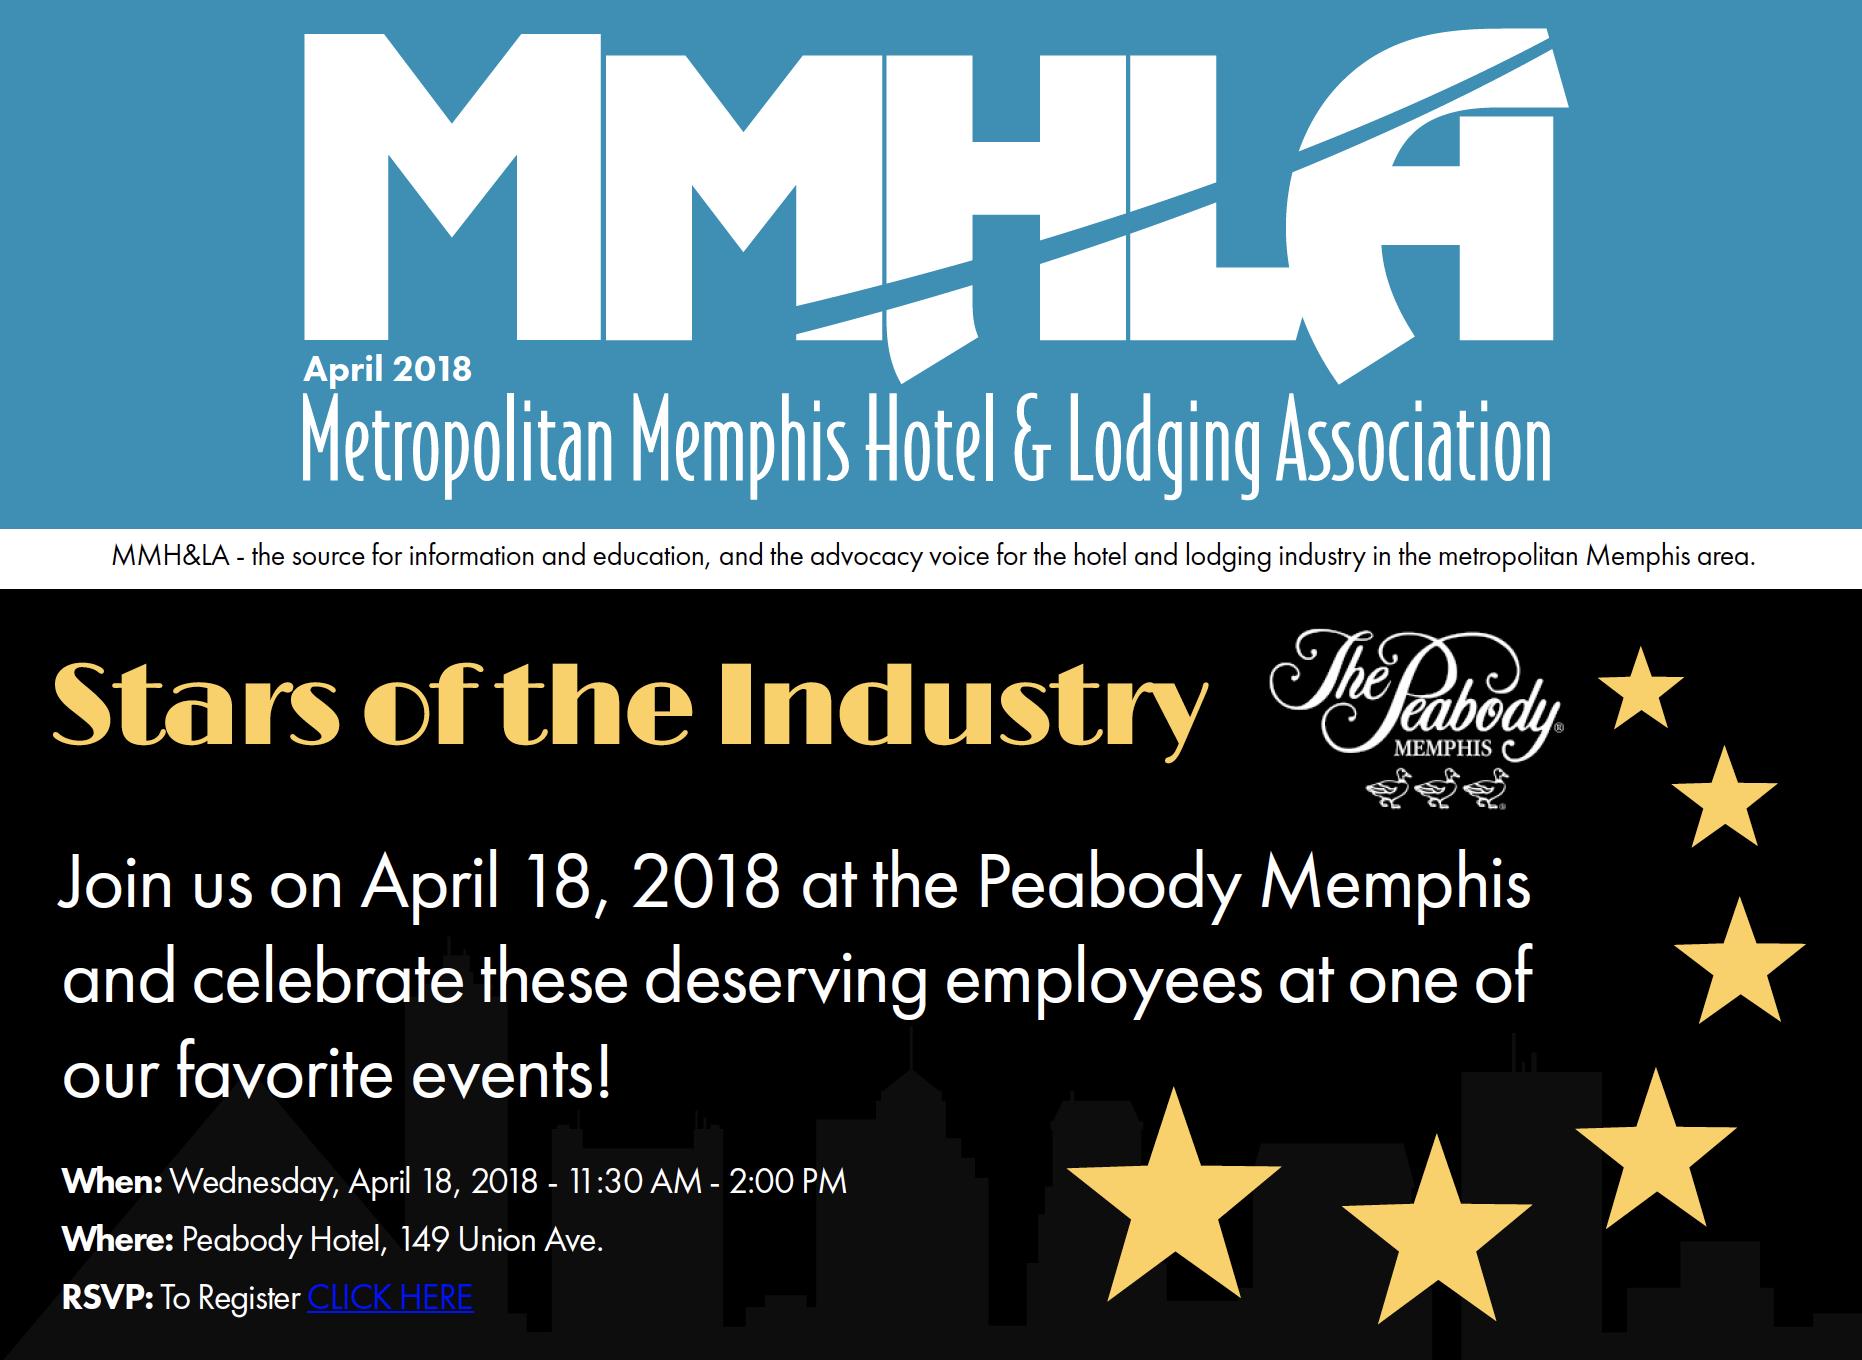 MMHLA April 2018 Newsletter